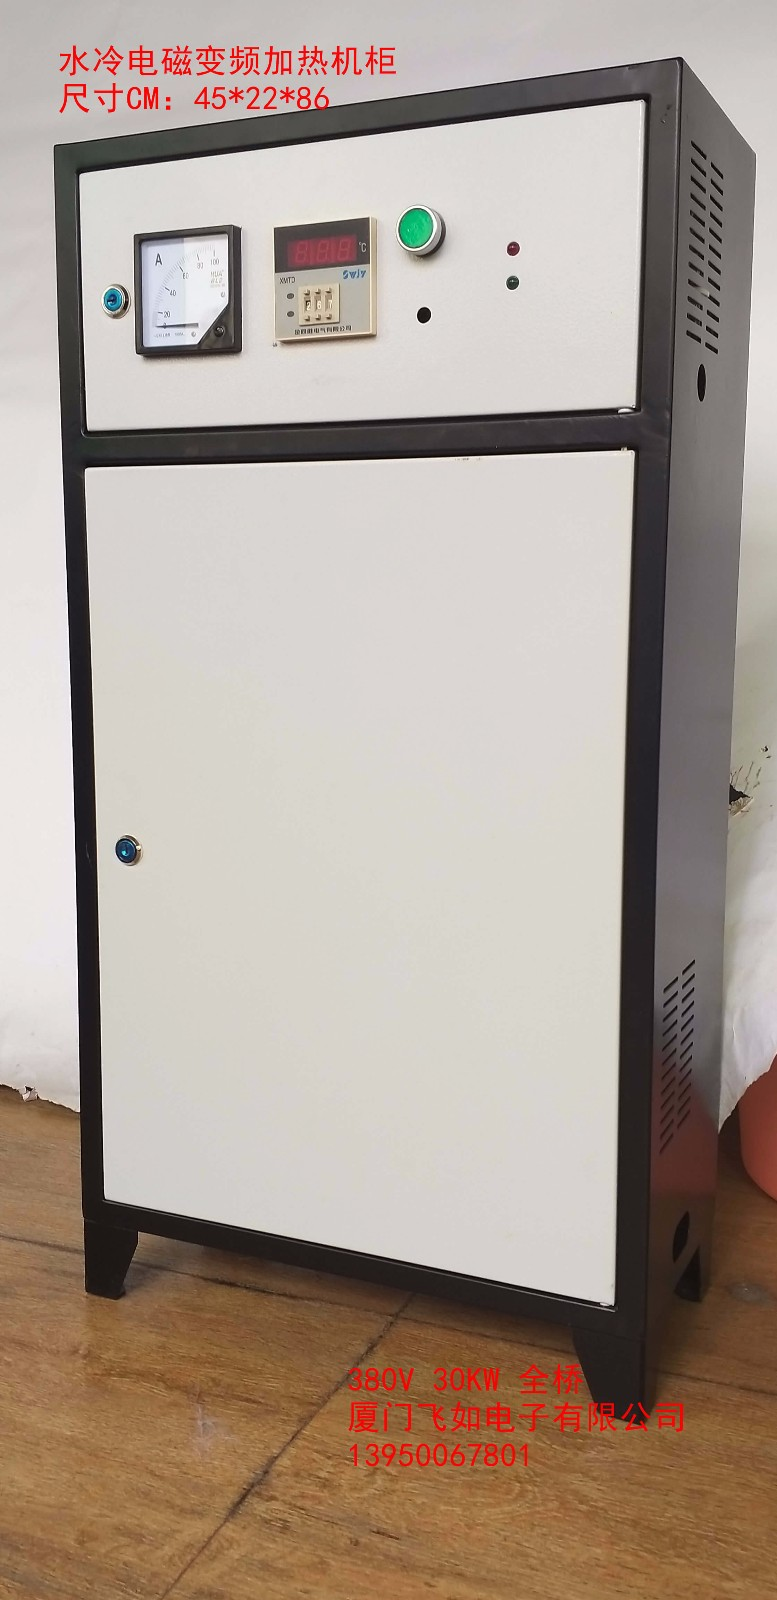 电磁加热水冷机柜20KW